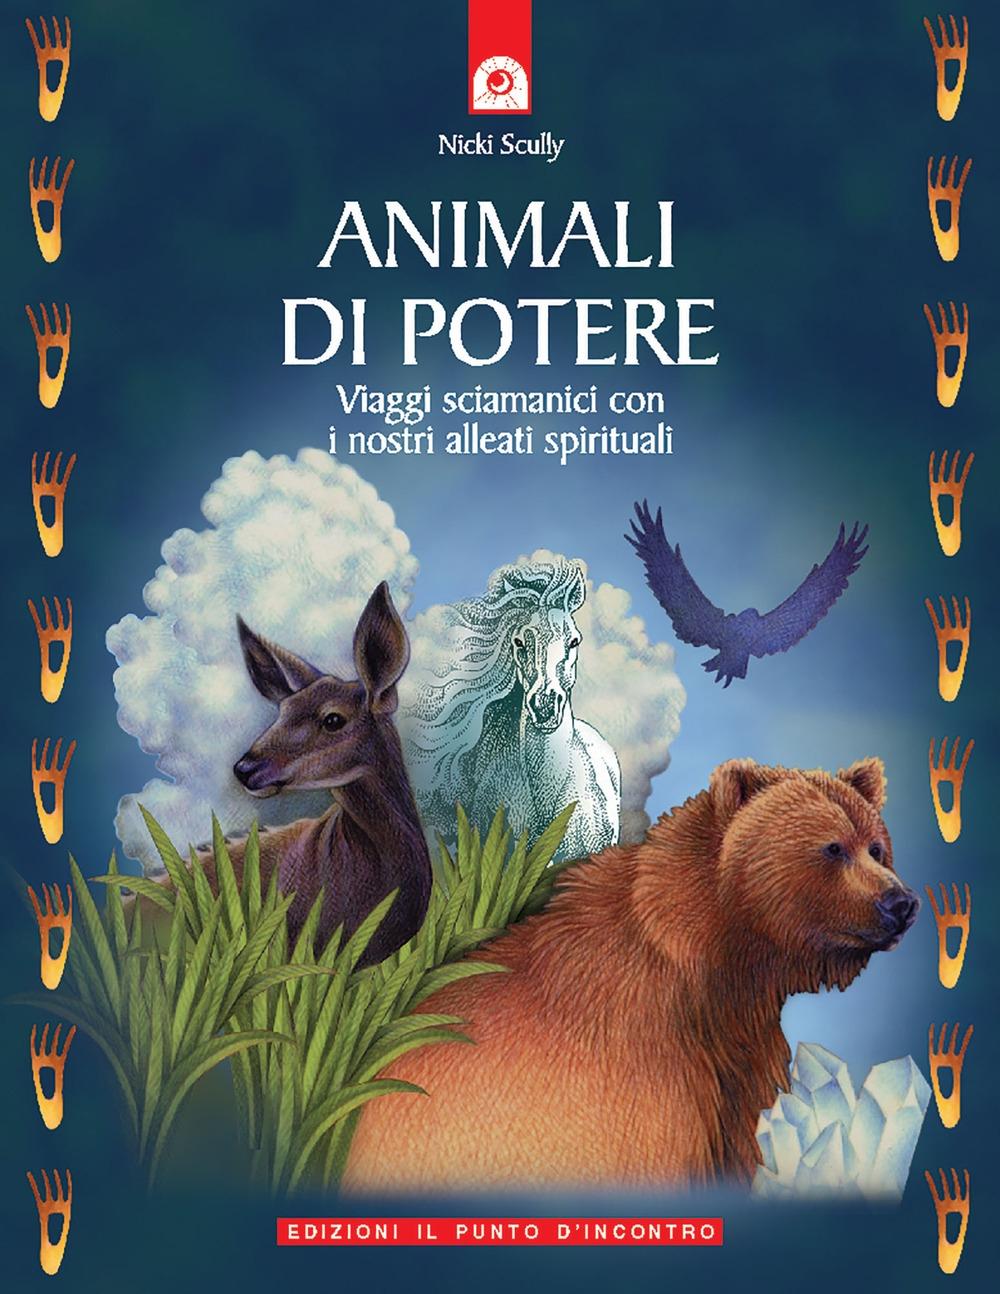 Animali di potere. Viaggi sciamanici con i nostri alleati spirituali